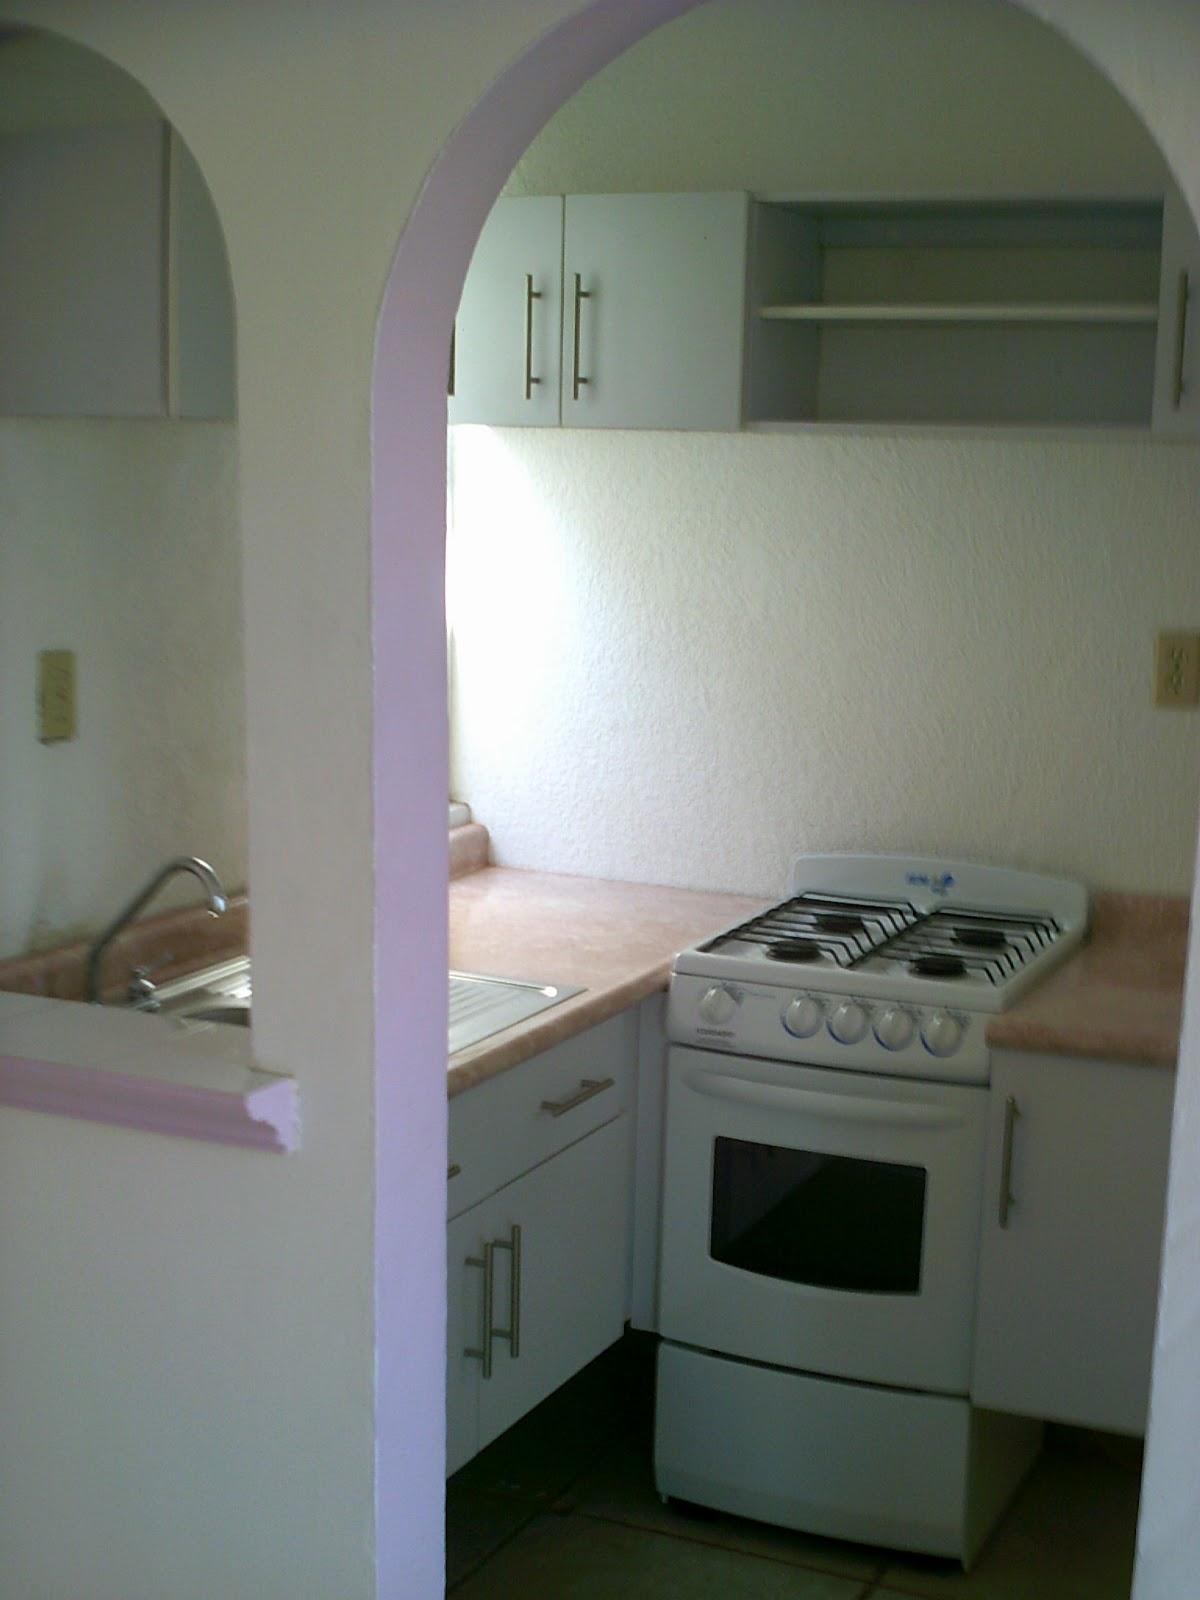 Dise o y fabricaci n de cocinas modernas en m xico df - Interiores cocinas modernas ...